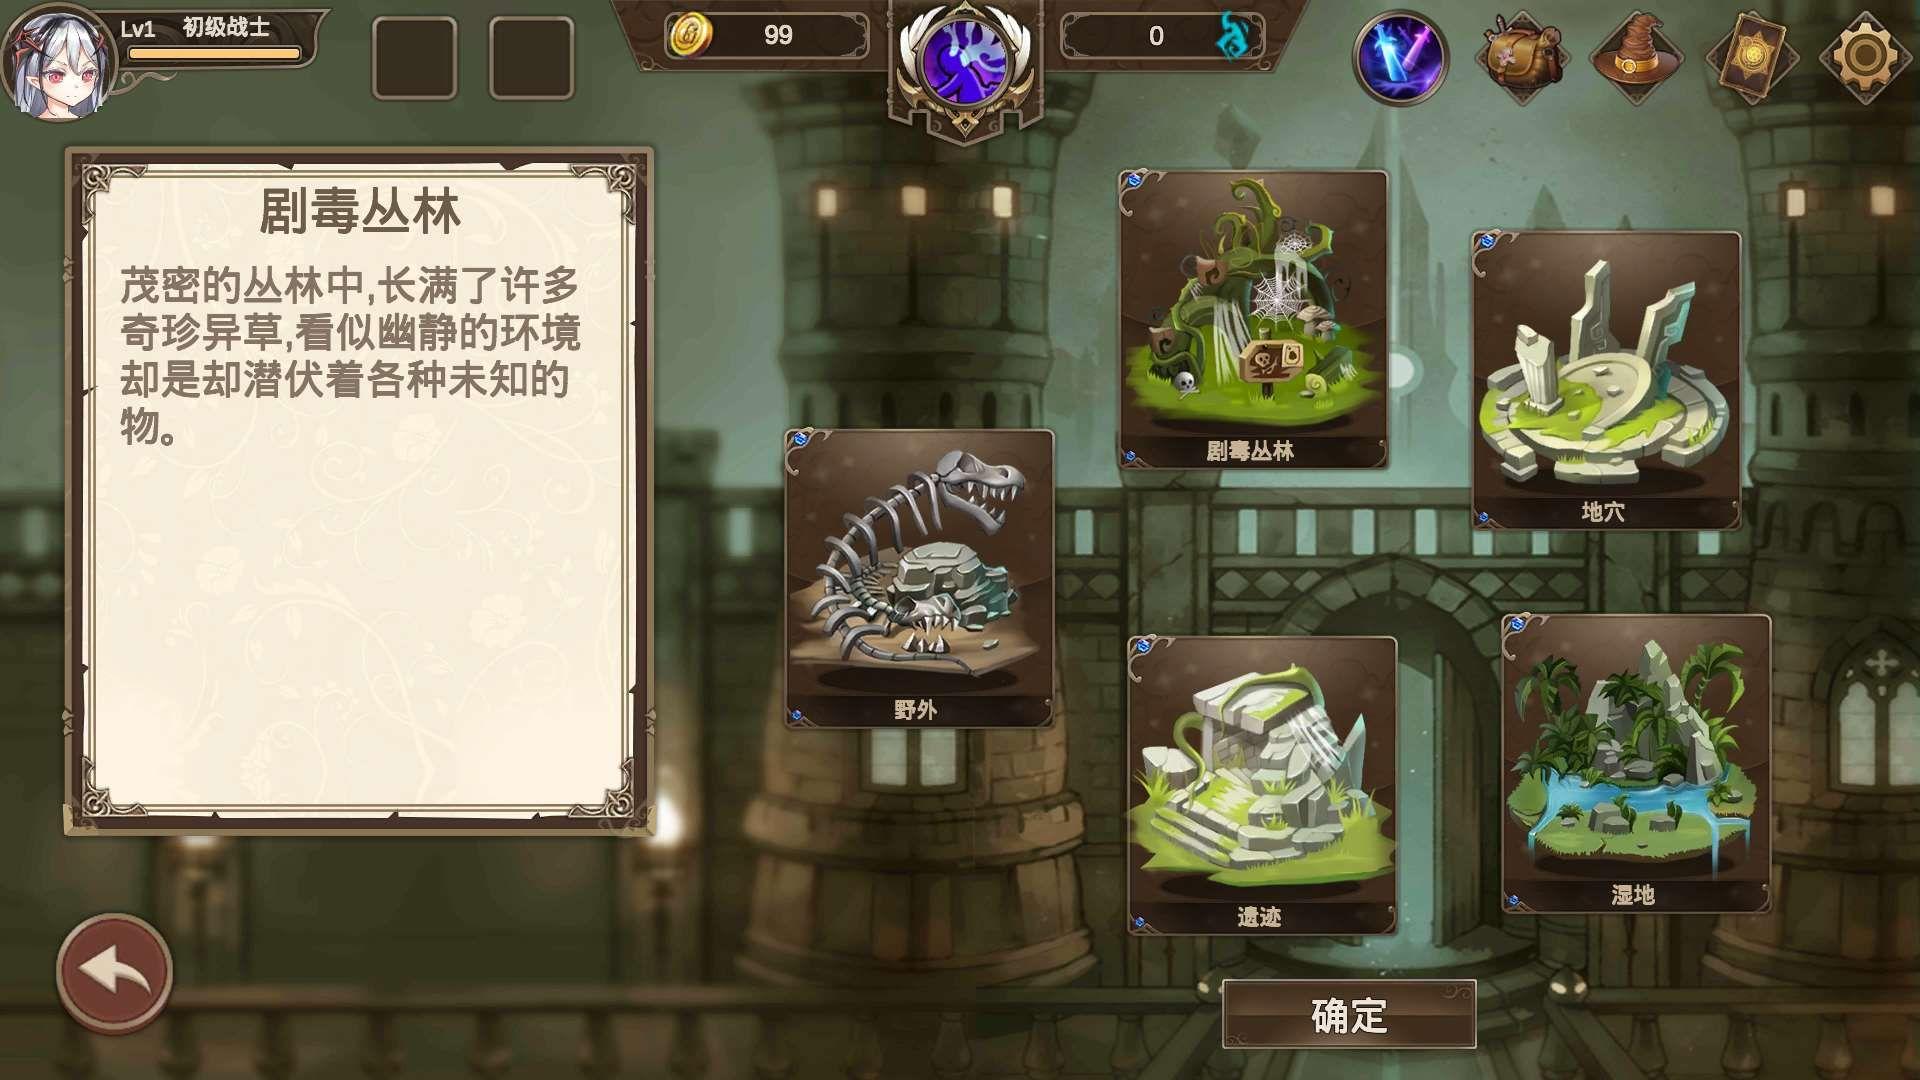 克瑞因的纷争ios游戏官网版图5: